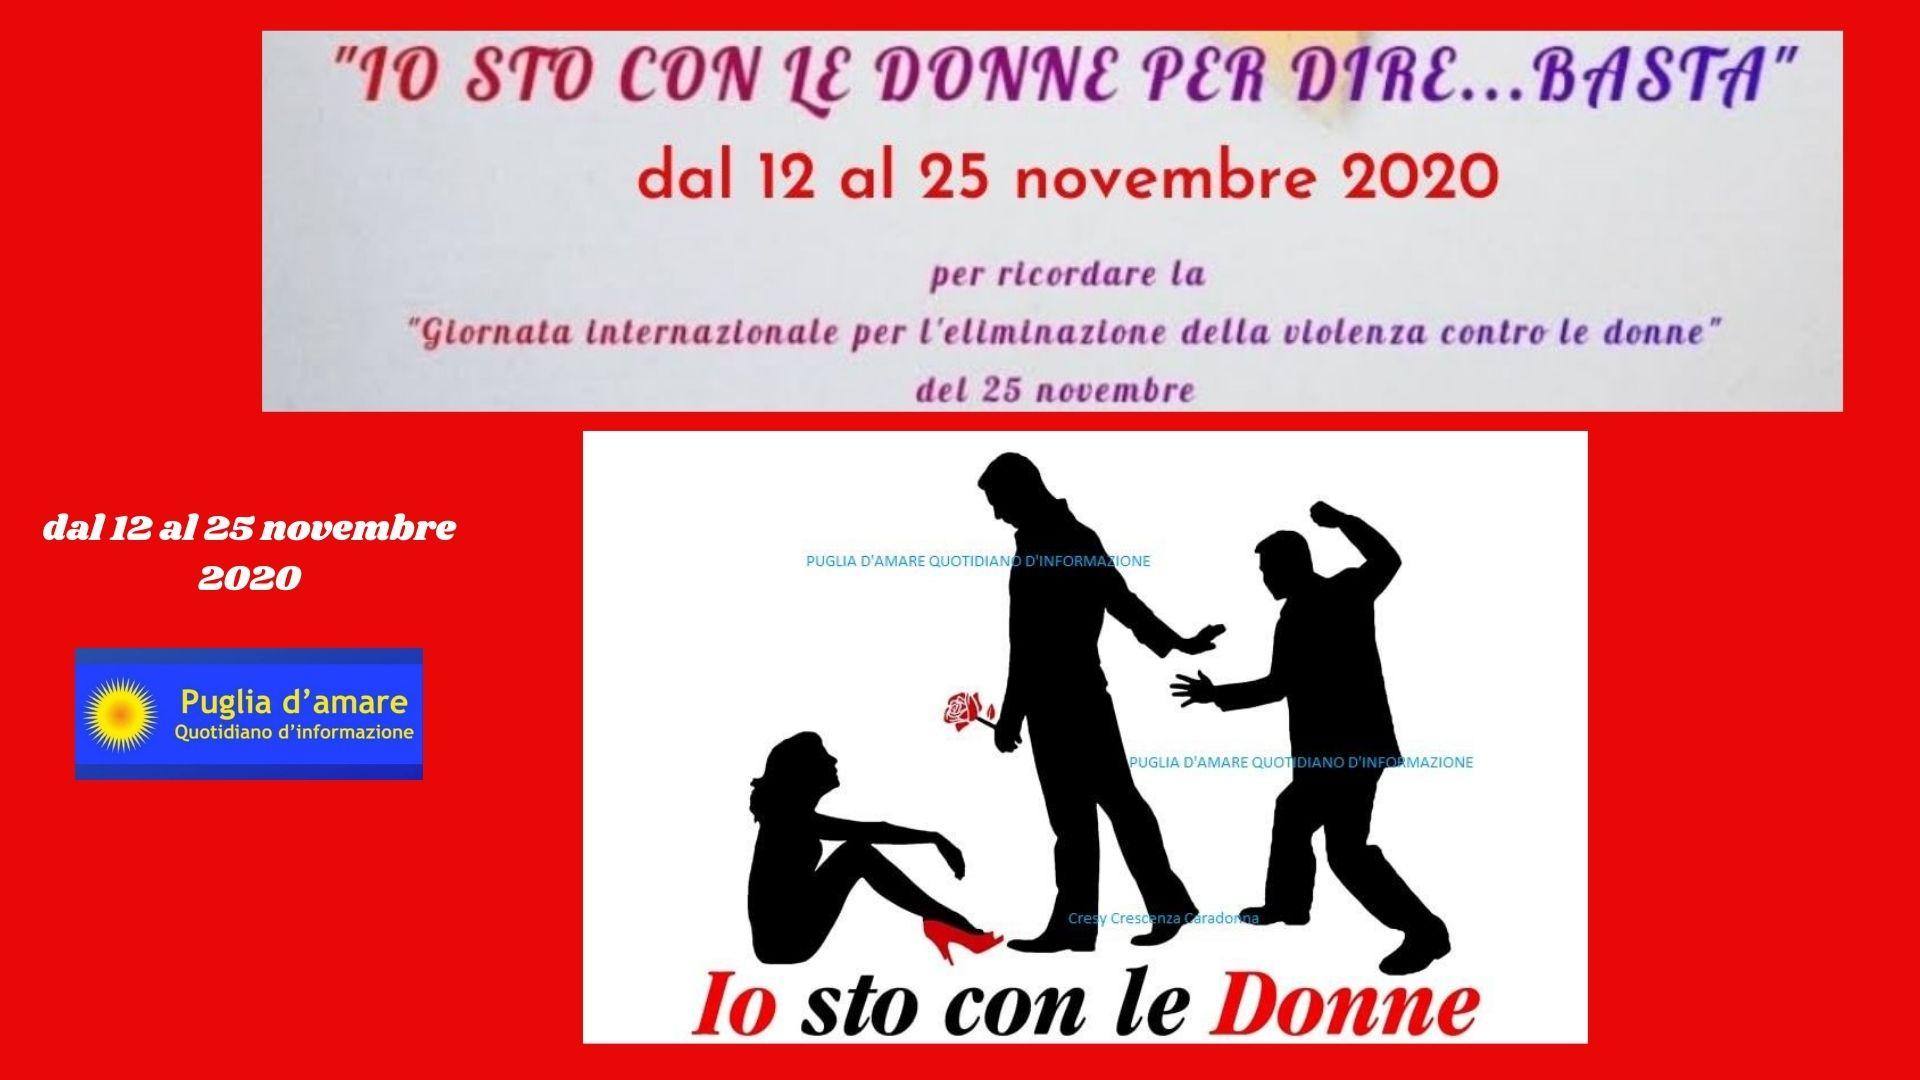 CONTRO LA VIOLENZA DI GENERE: #iostoconledonneperdirebasta